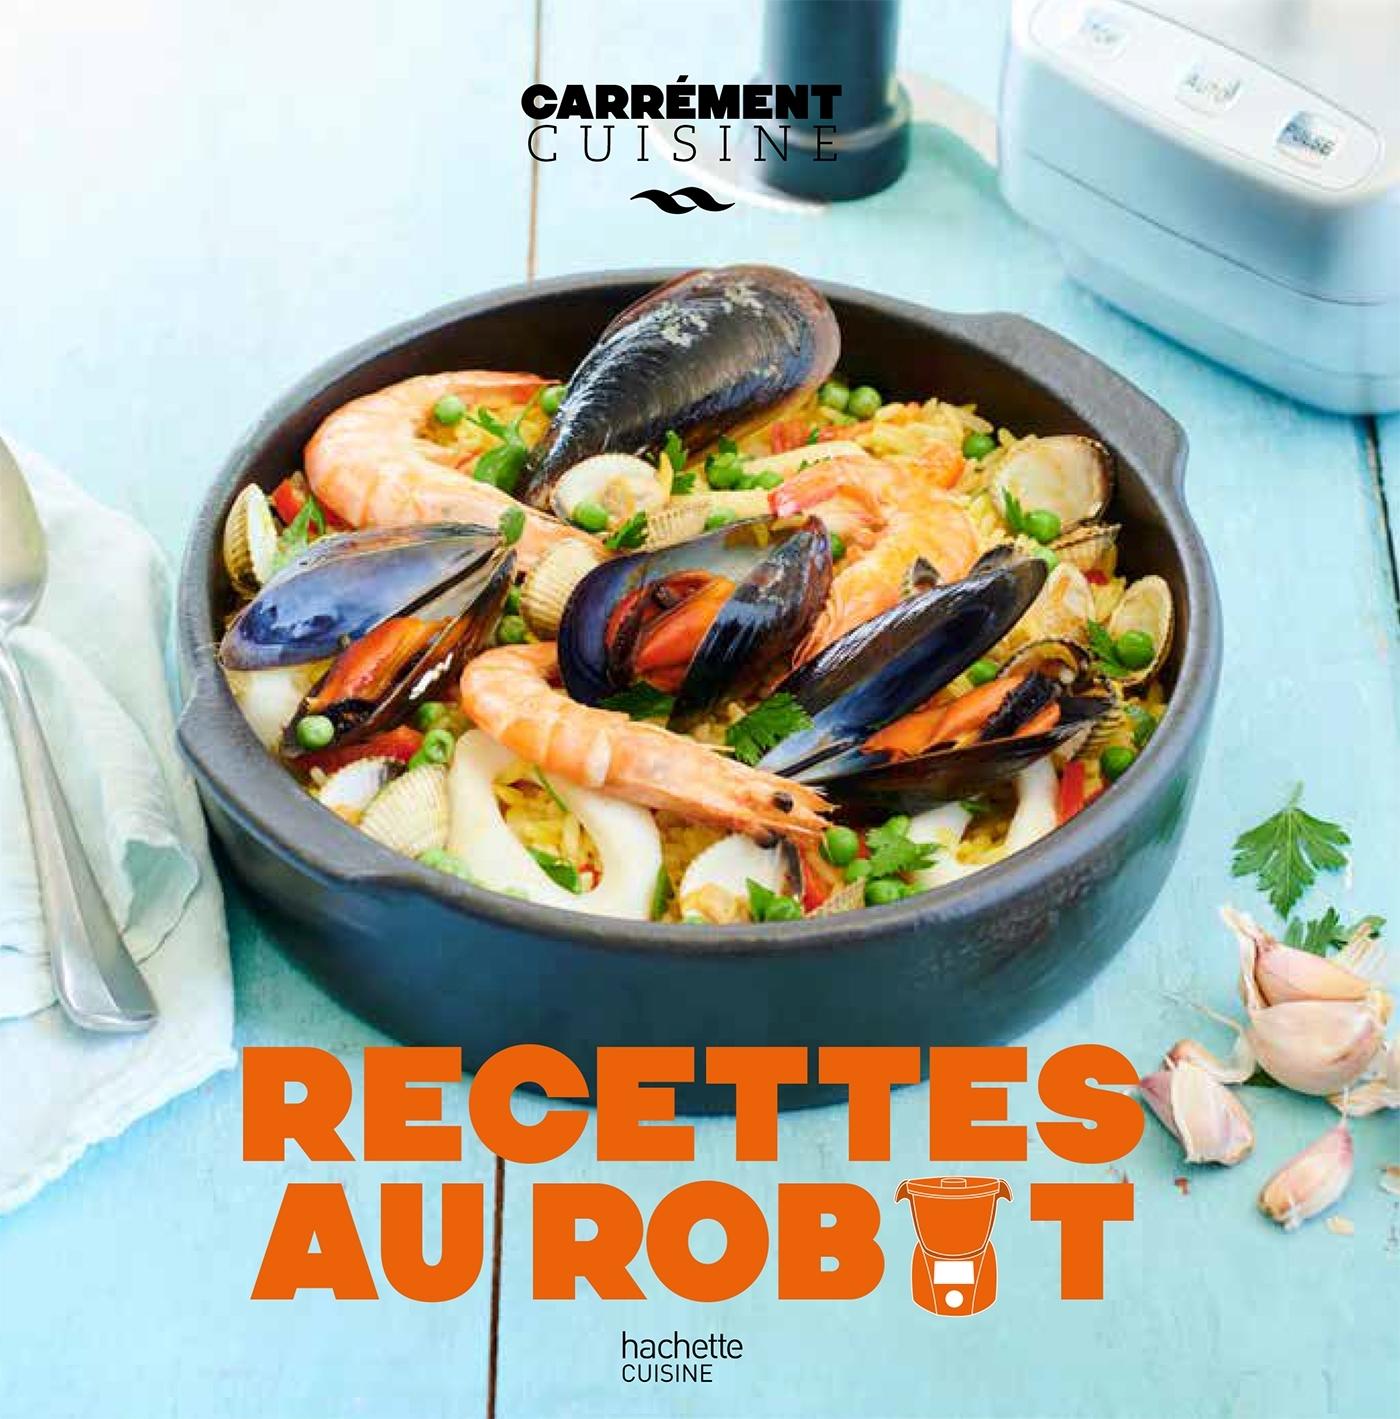 RECETTES AU ROBOT